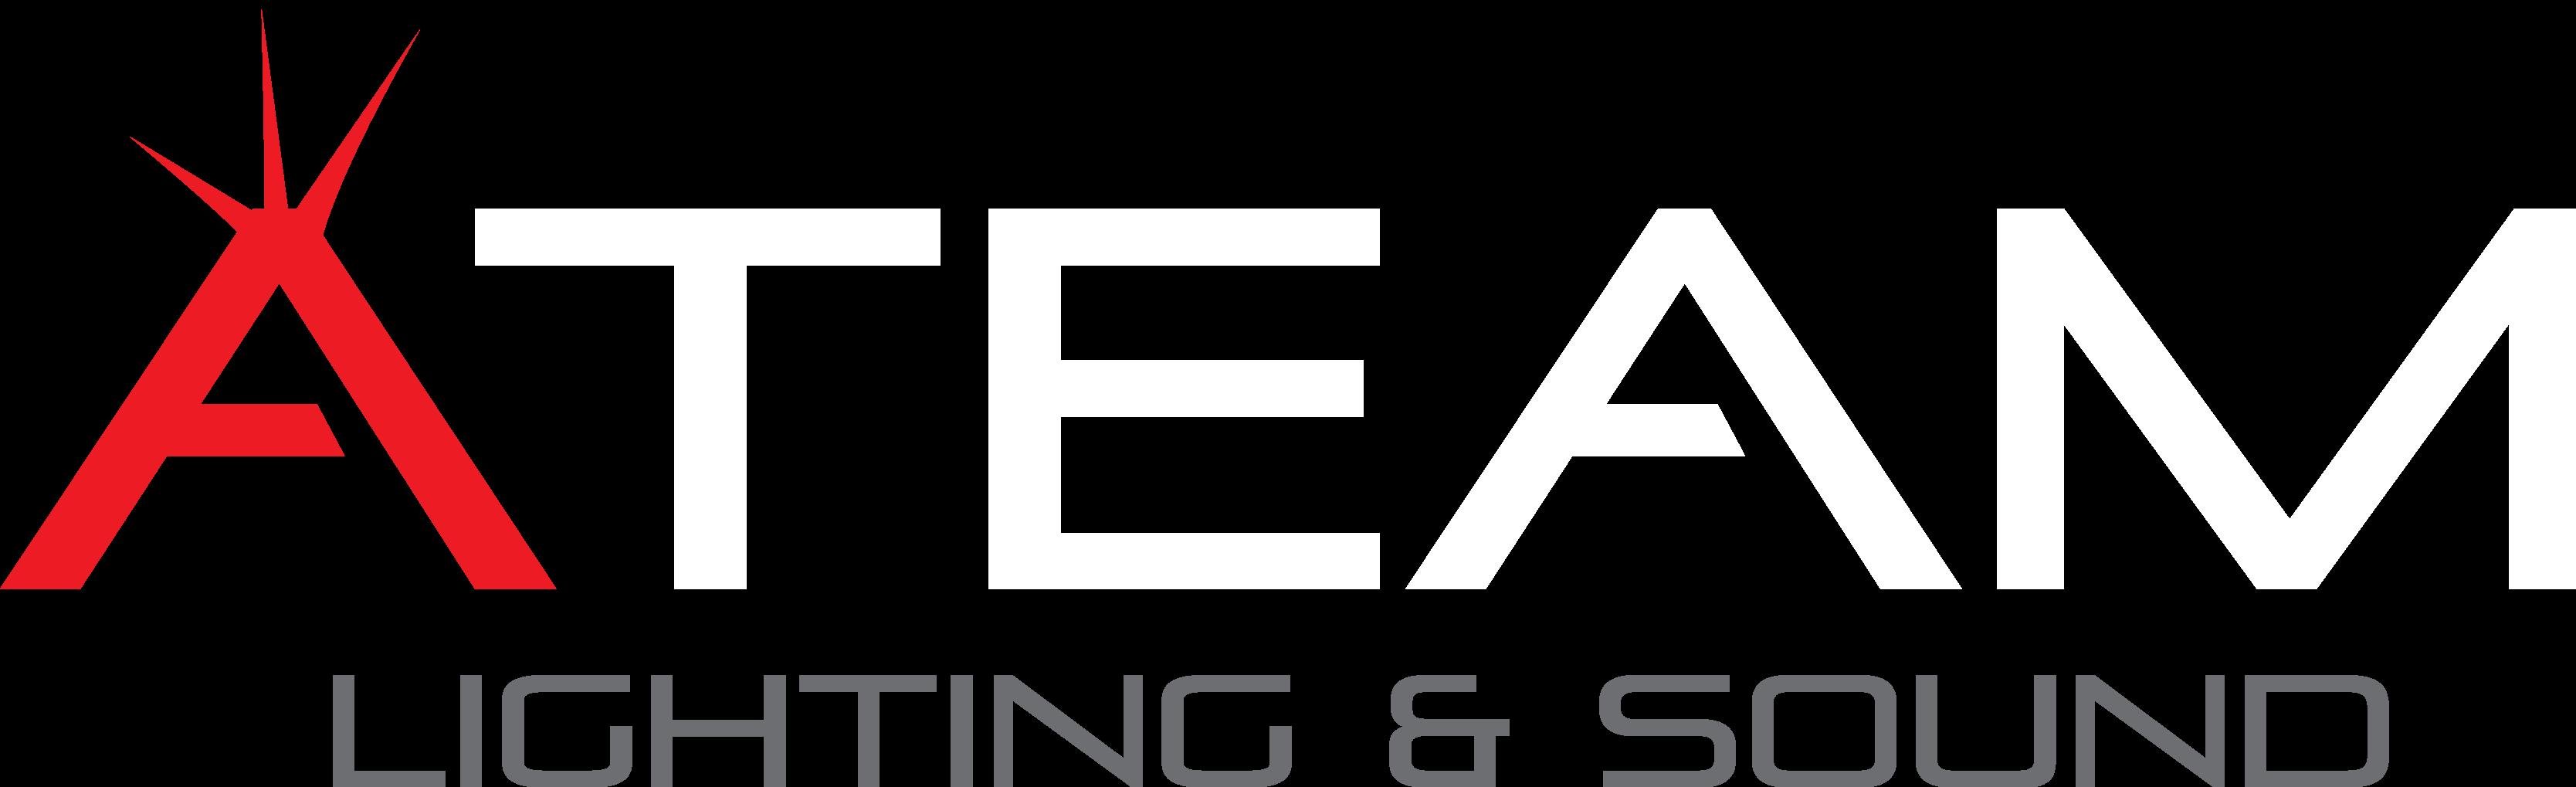 new ateam logo white color